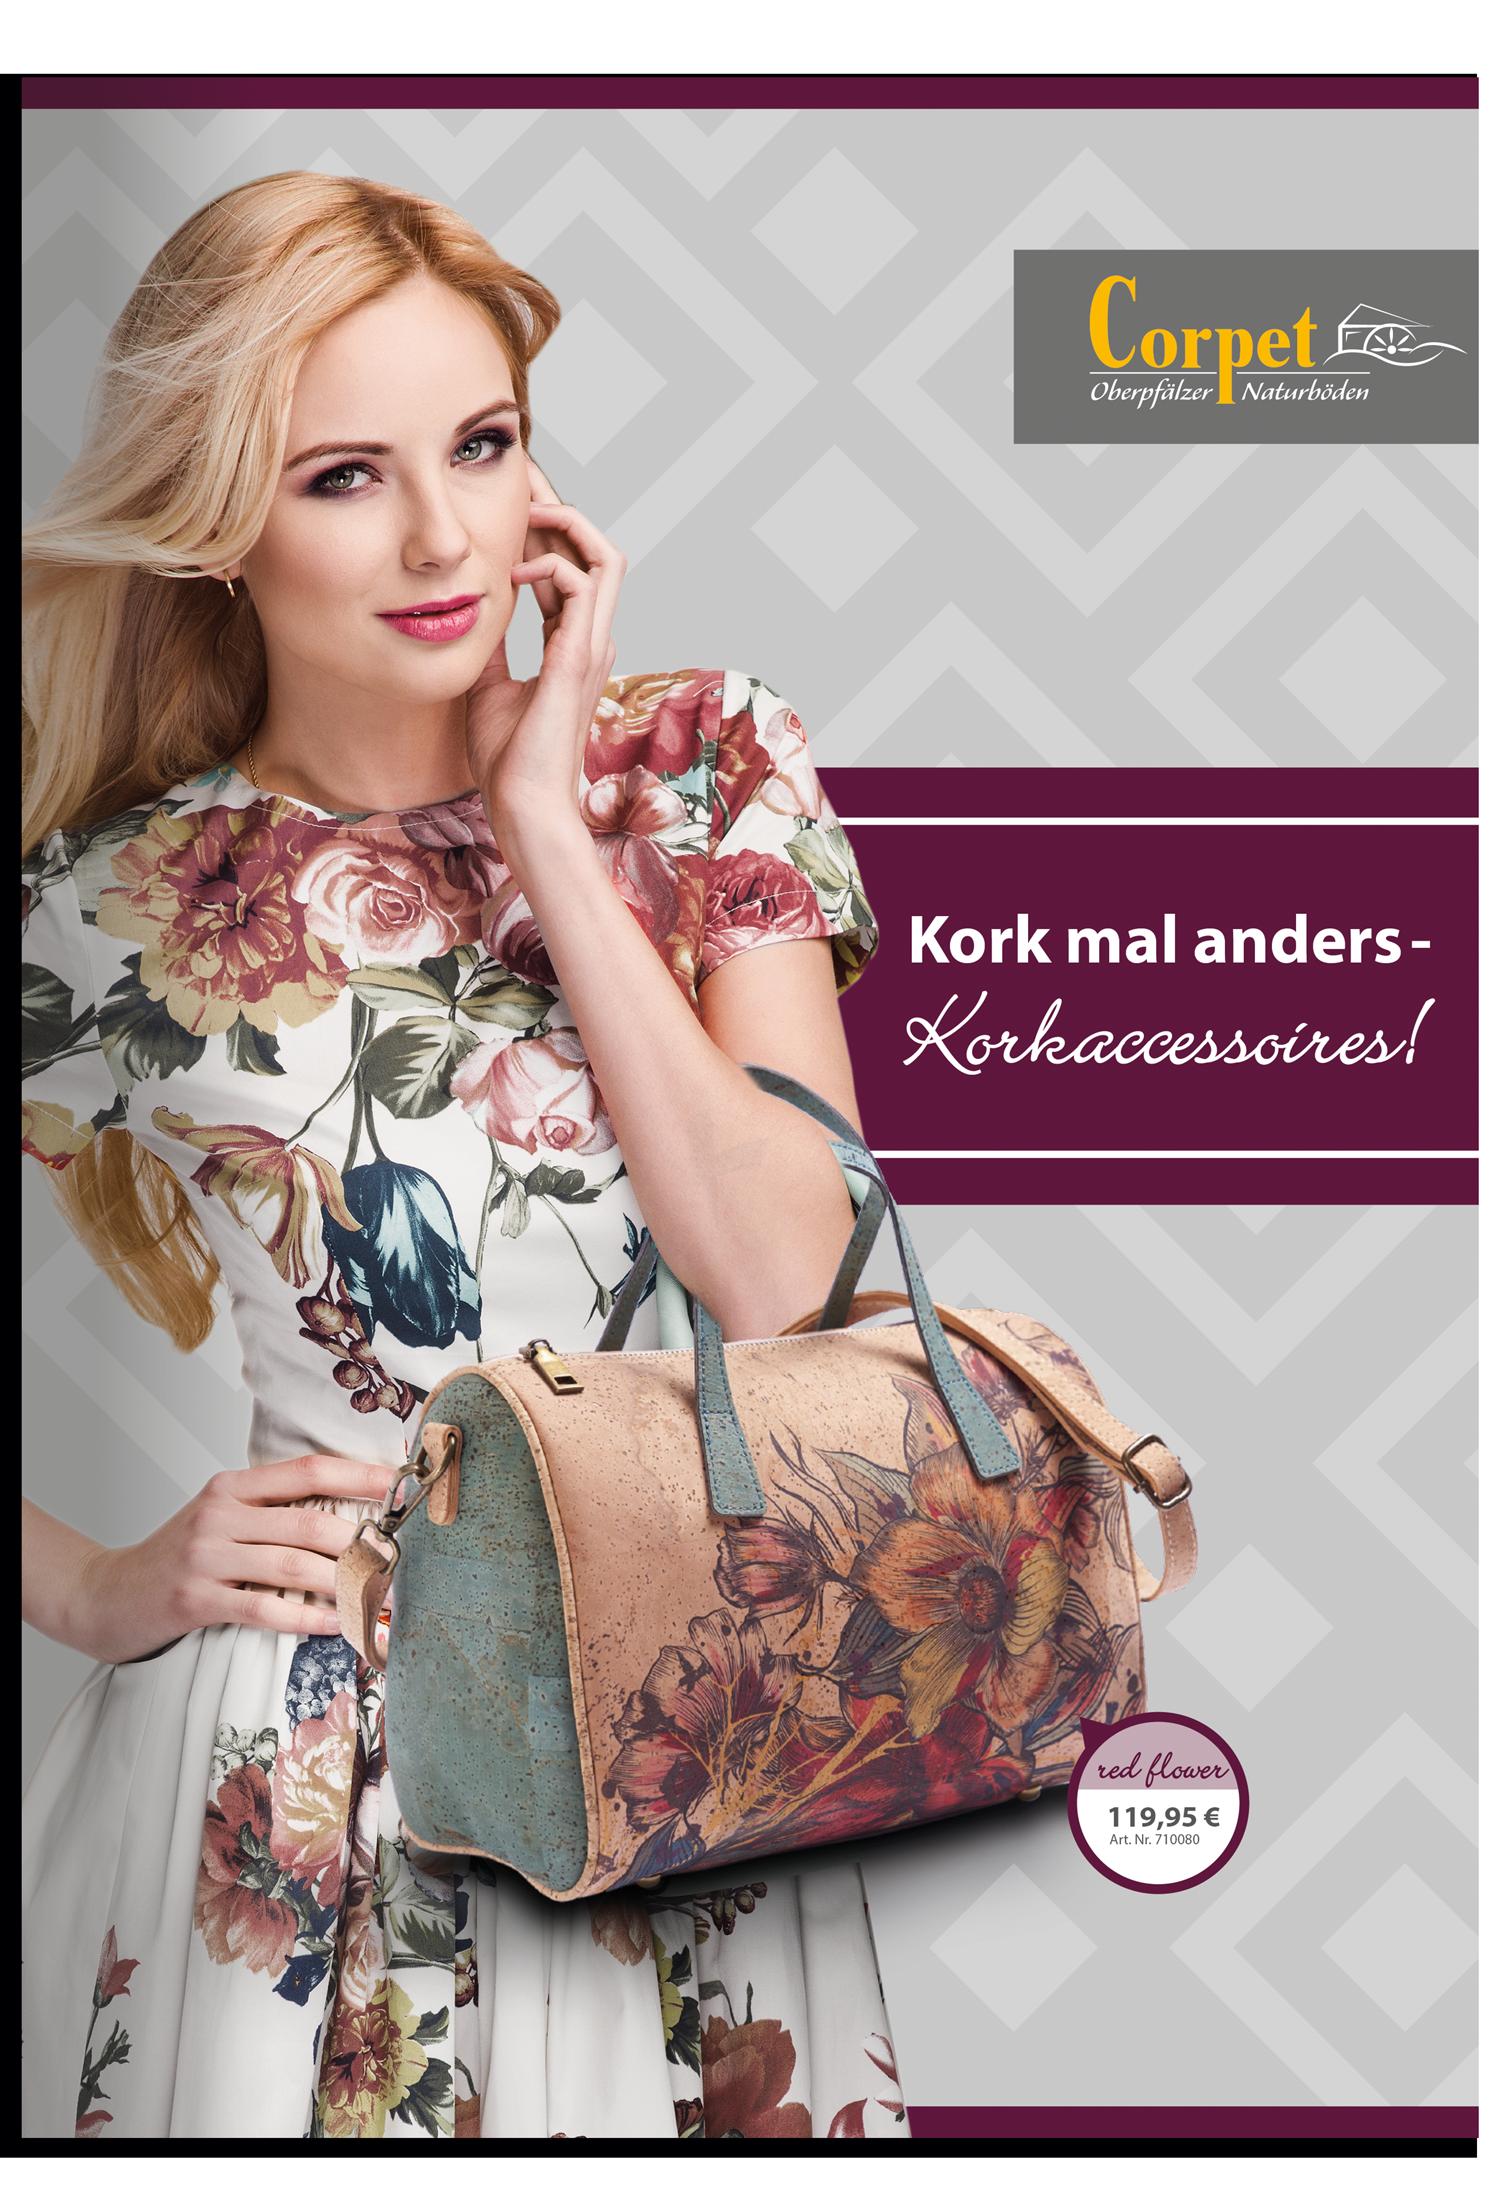 Kork_Accessoires_Katalog